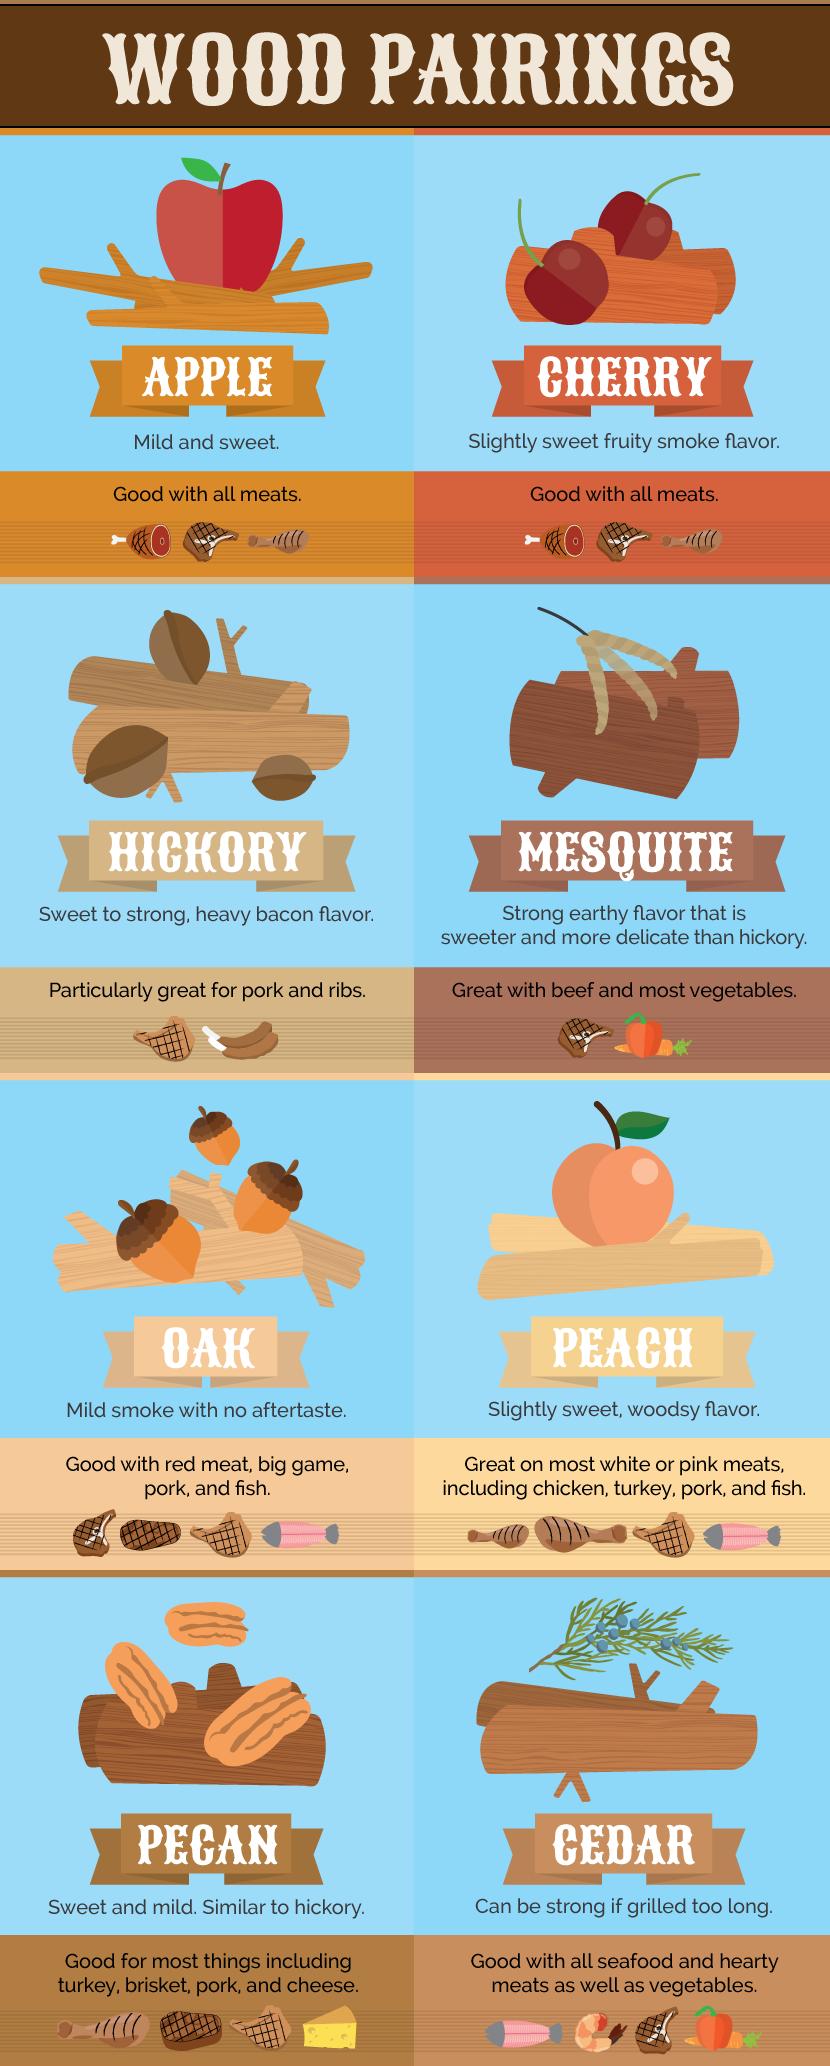 Smoke Woods for Grilling | Grillen, Maßeinheiten tabelle und Essen